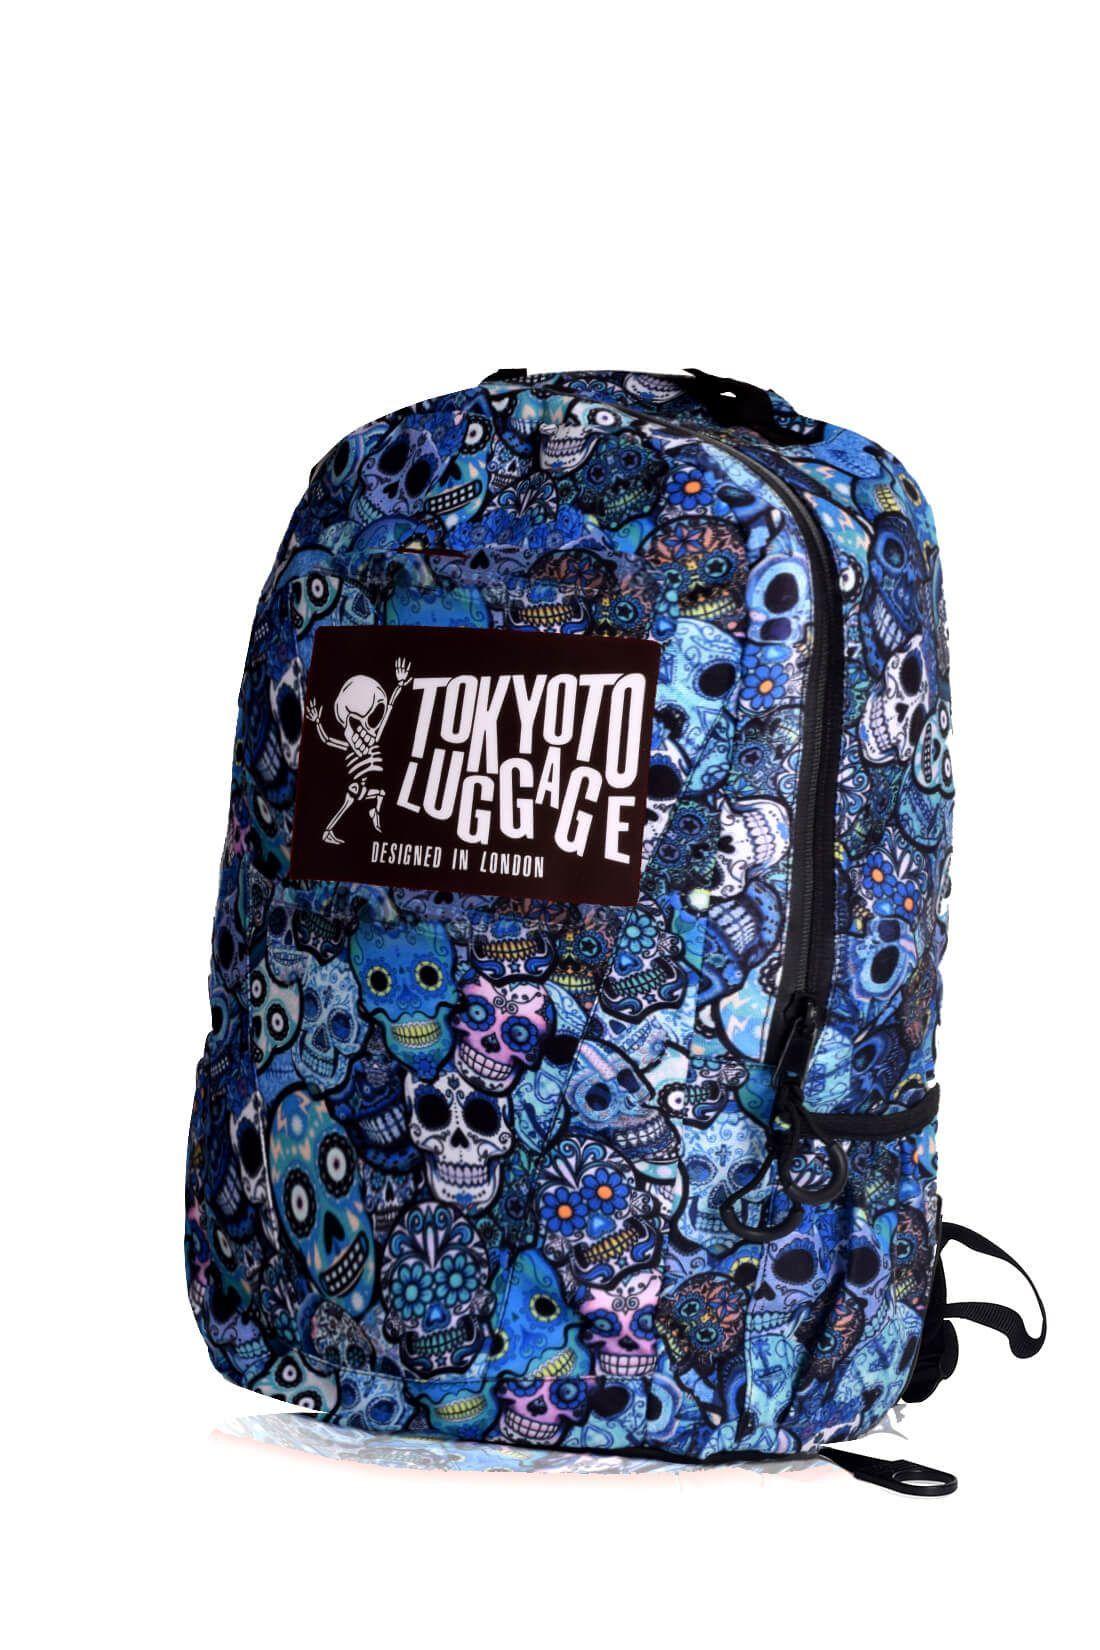 rucksaecke mit led licht tokyoto-luggage BLUE SKULLS 4